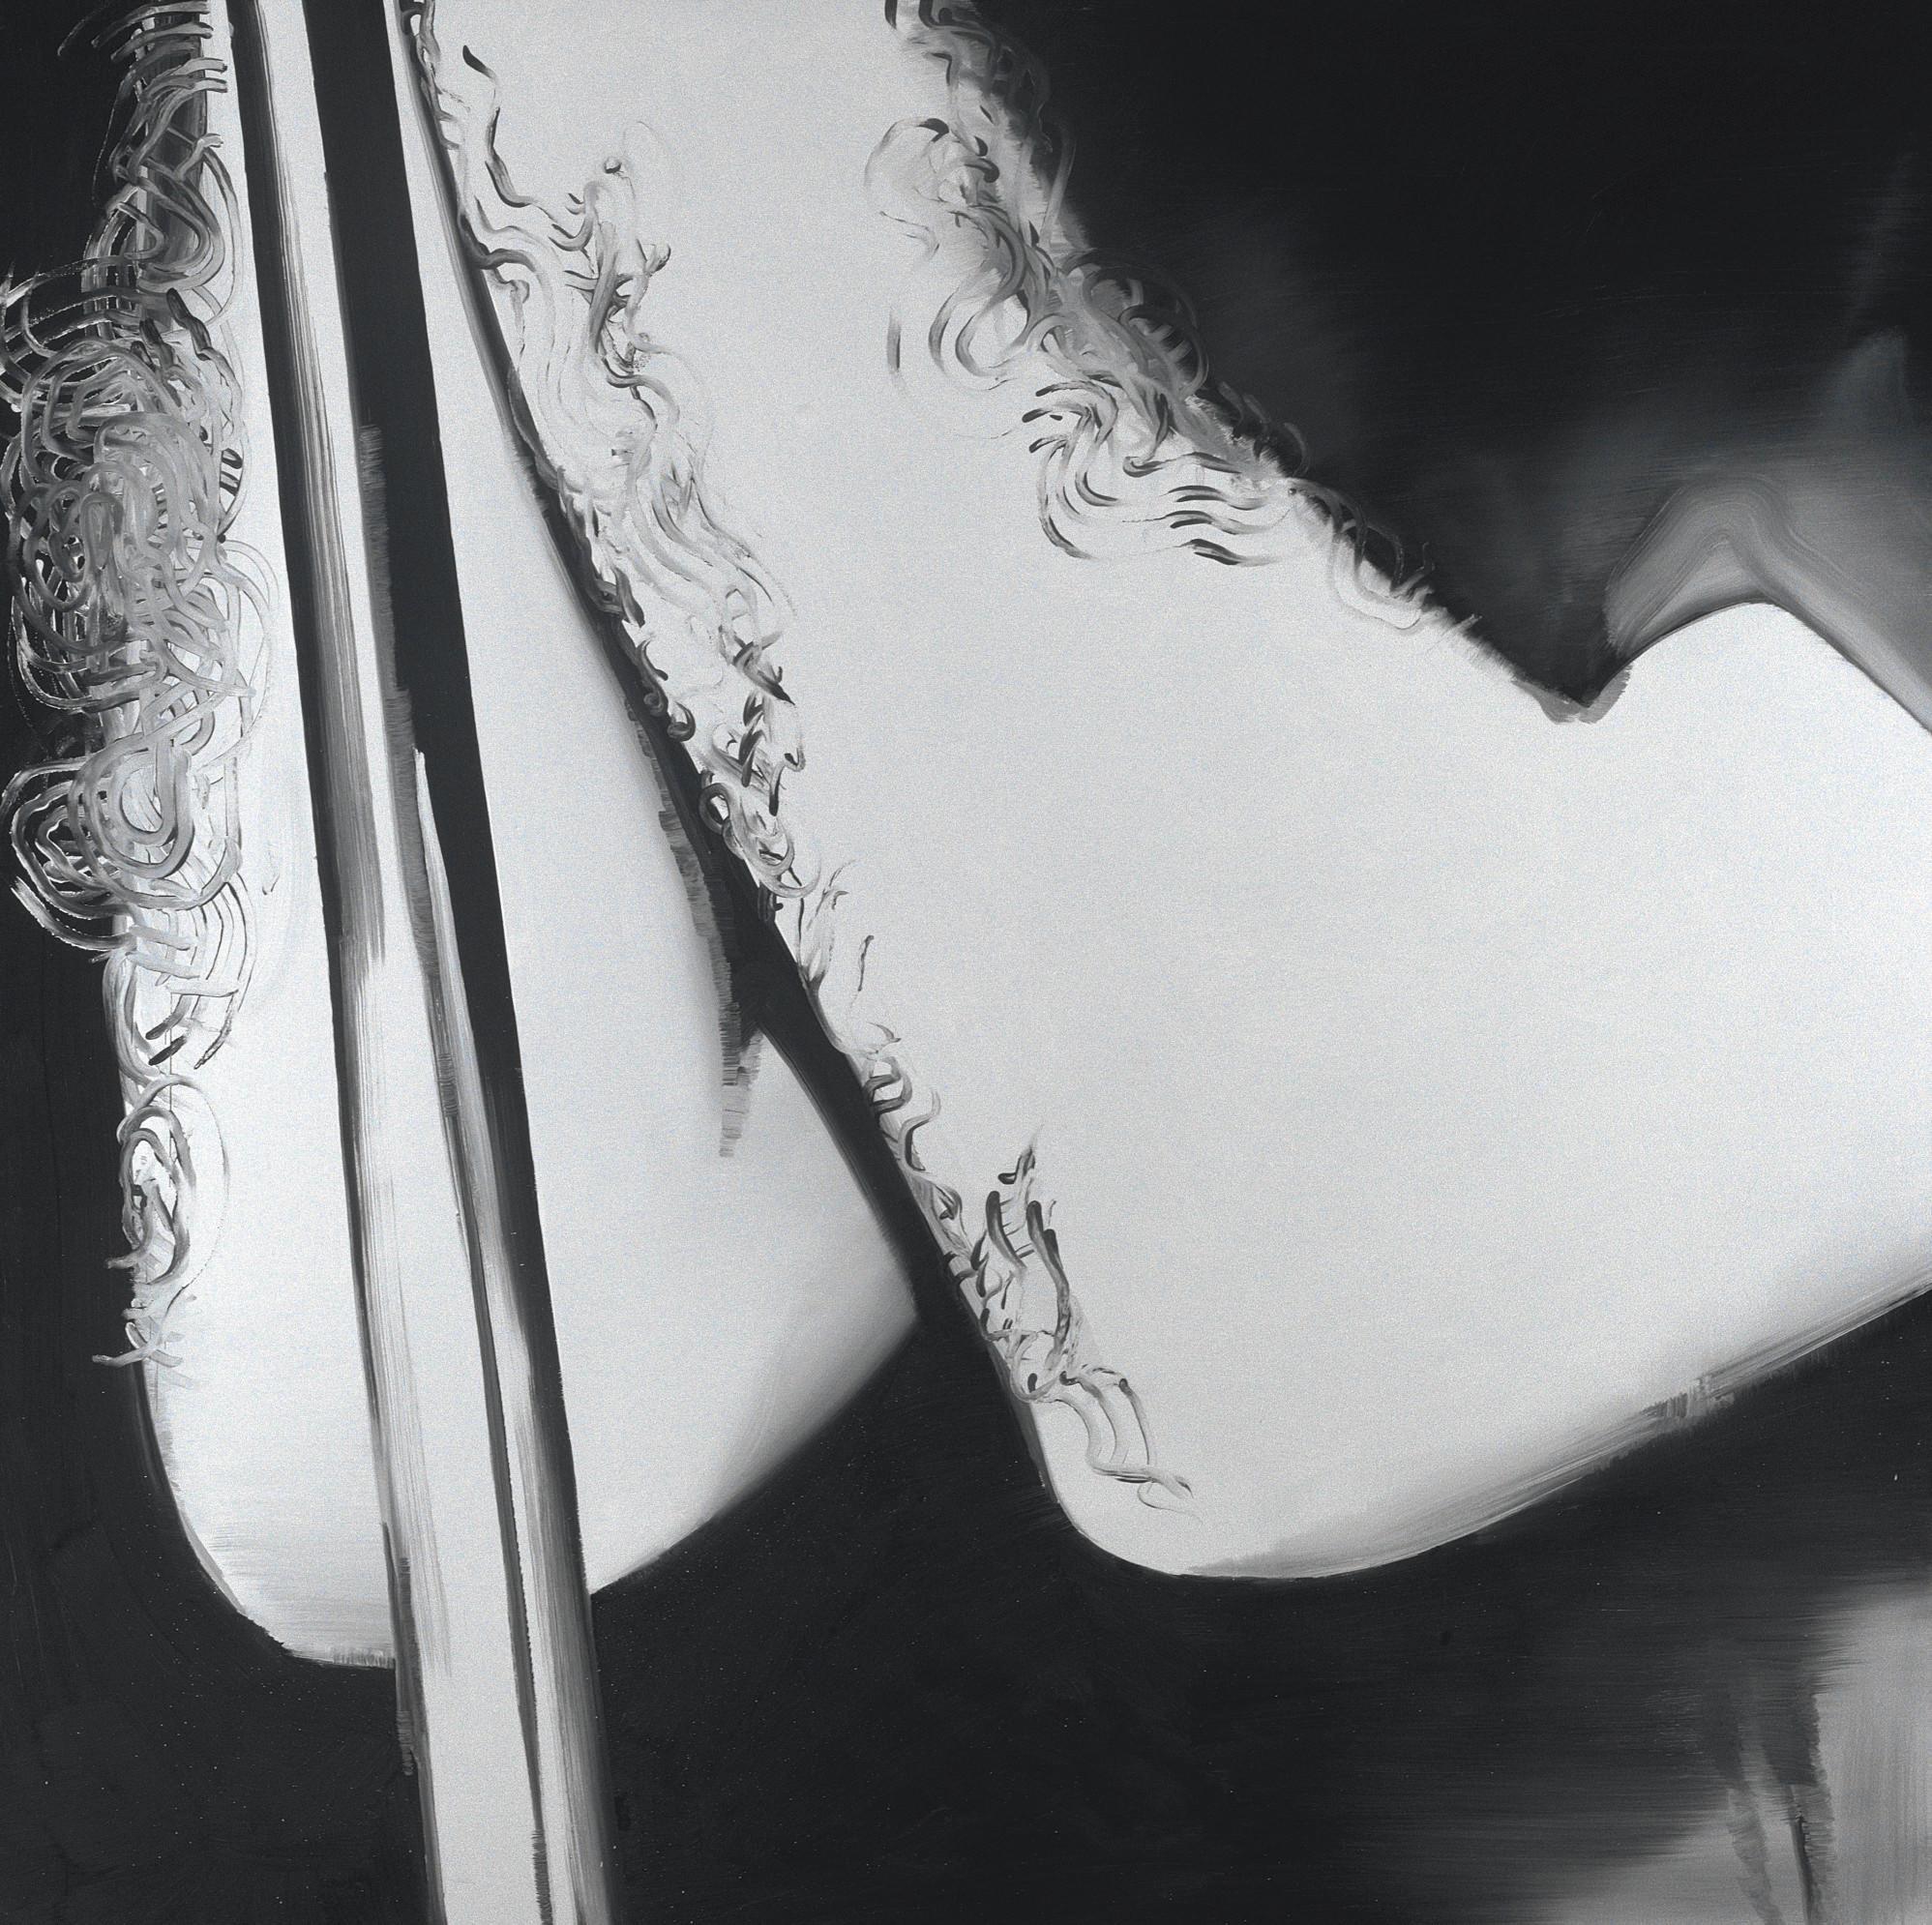 Wilhelm Sasnal (b. 1972)